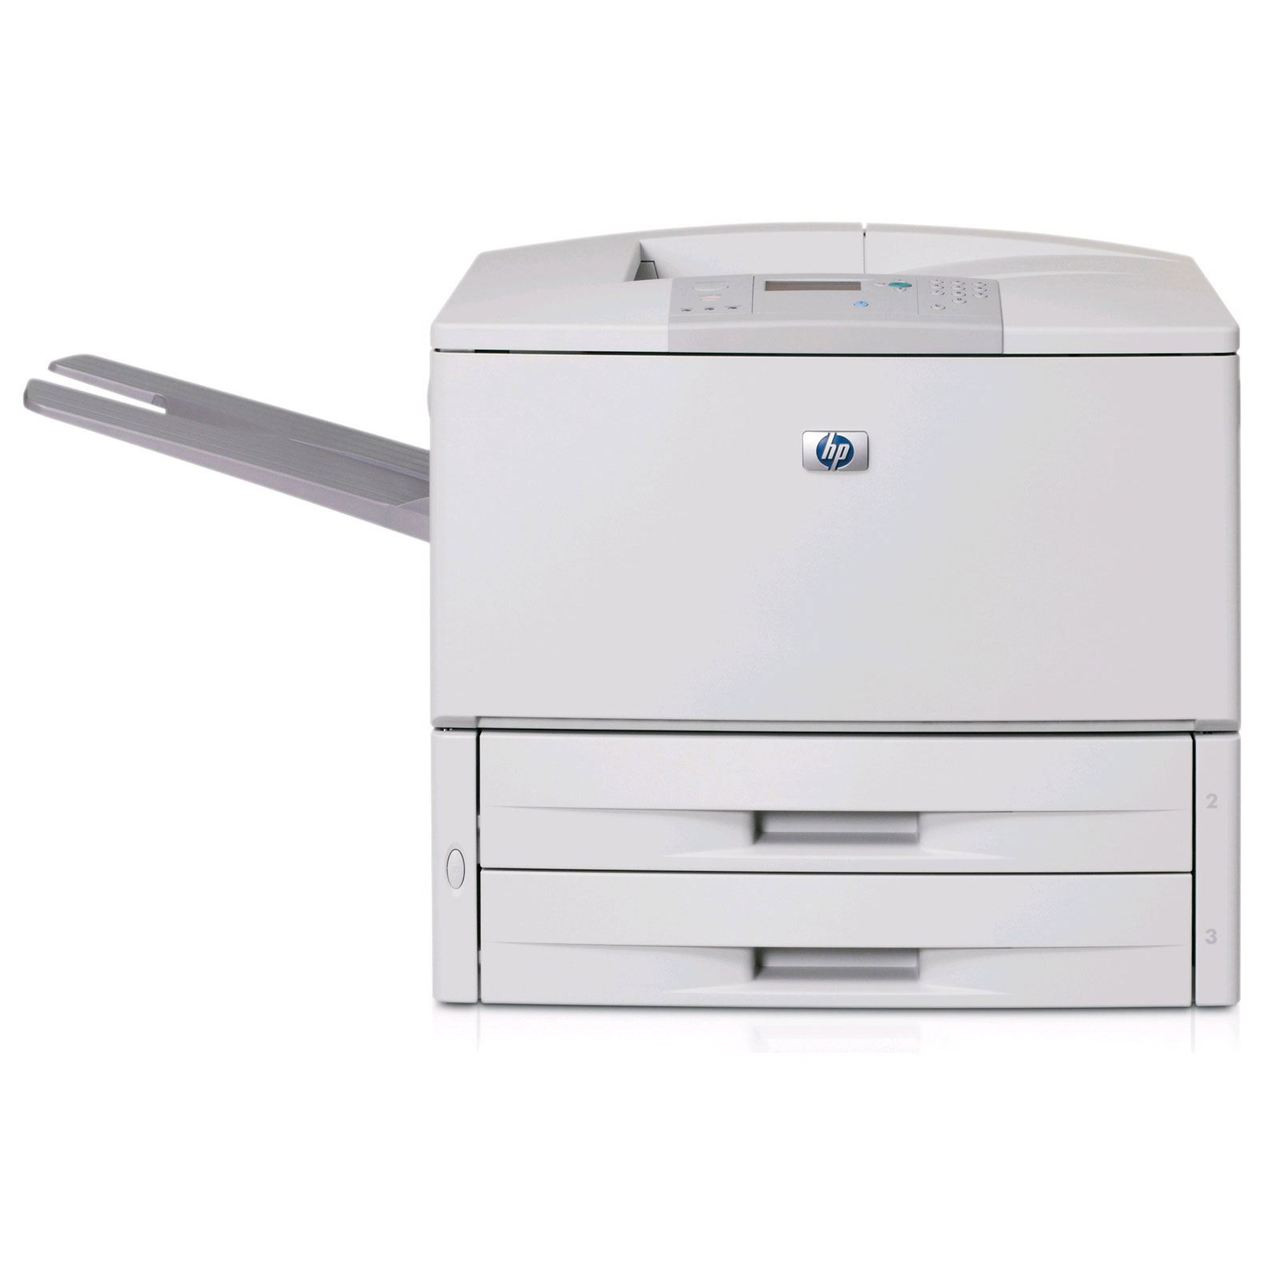 HP LaserJet 9040DN - Q7699A - HP Laser Printer for sale